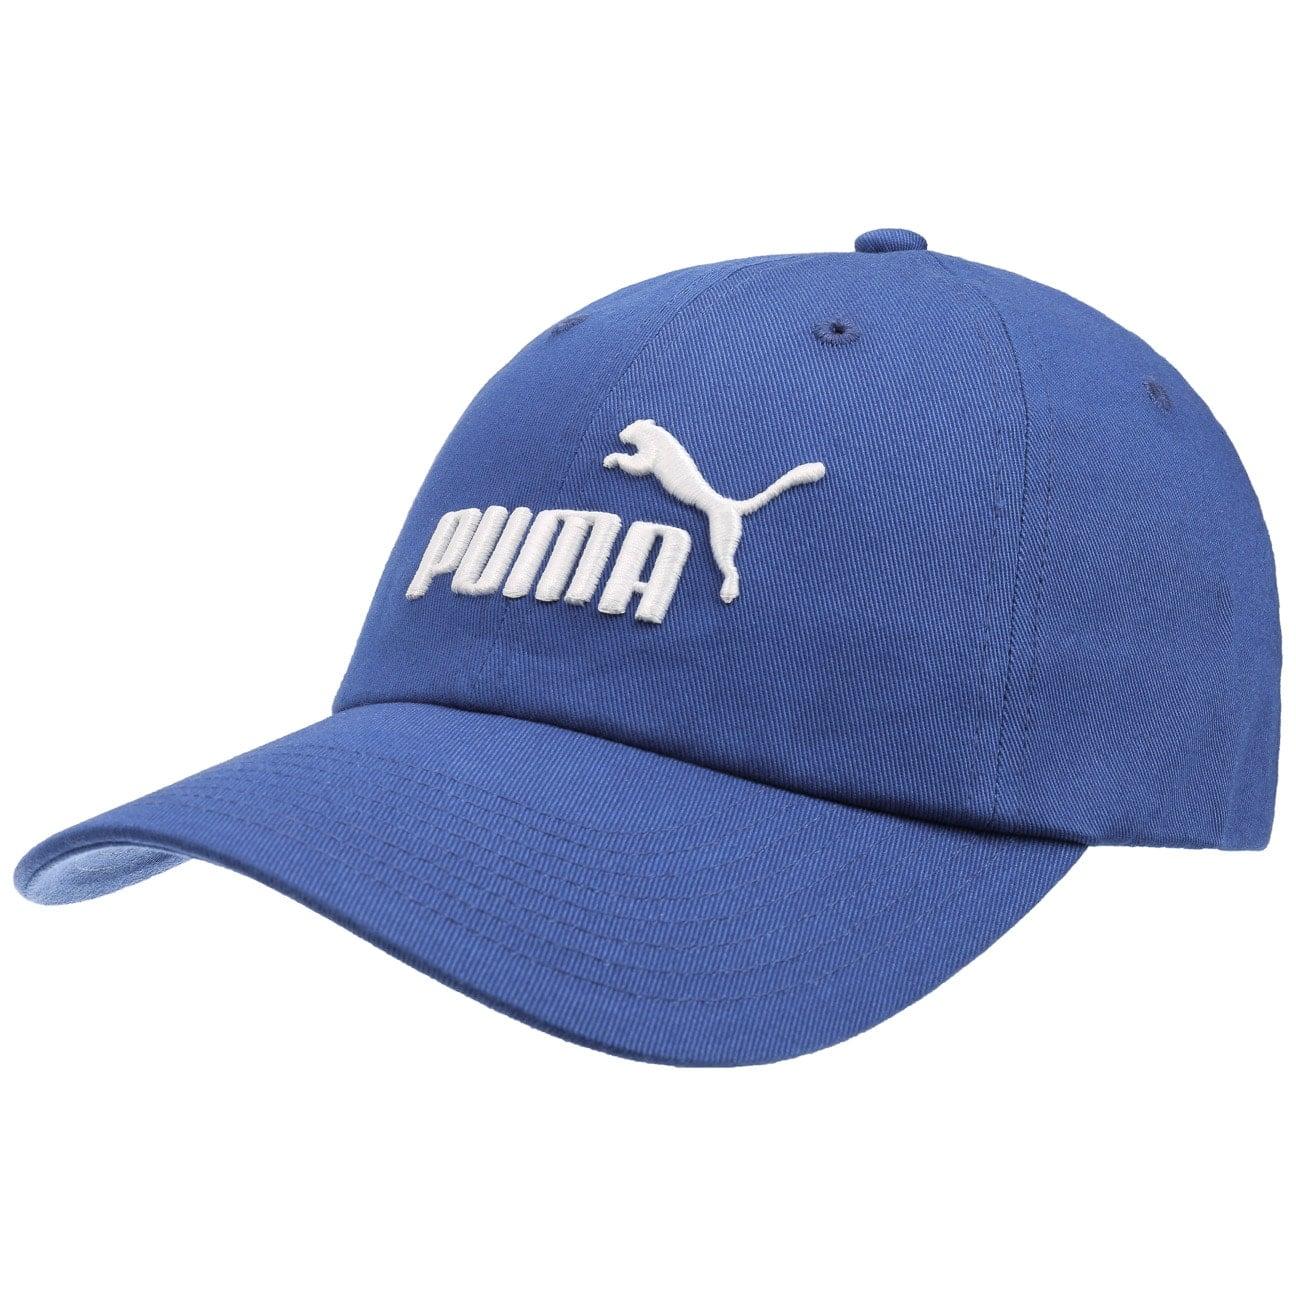 no-1-baseballcap-by-puma-schirmmutze